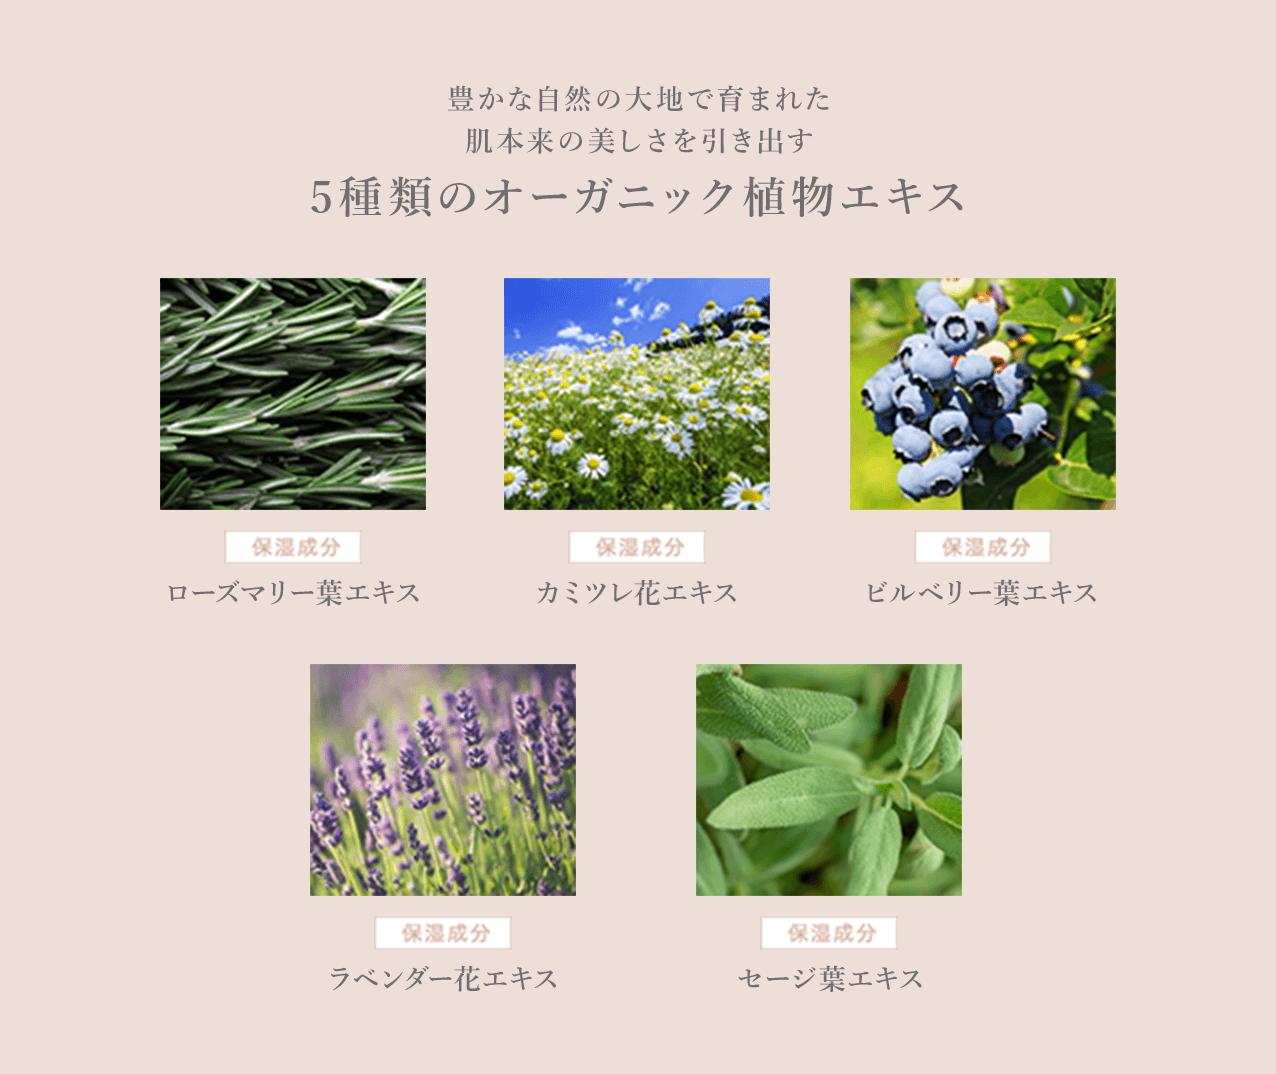 豊かな自然の大地で育まれた肌本来の美しさを引き出す5種類のオーガニック植物エキス